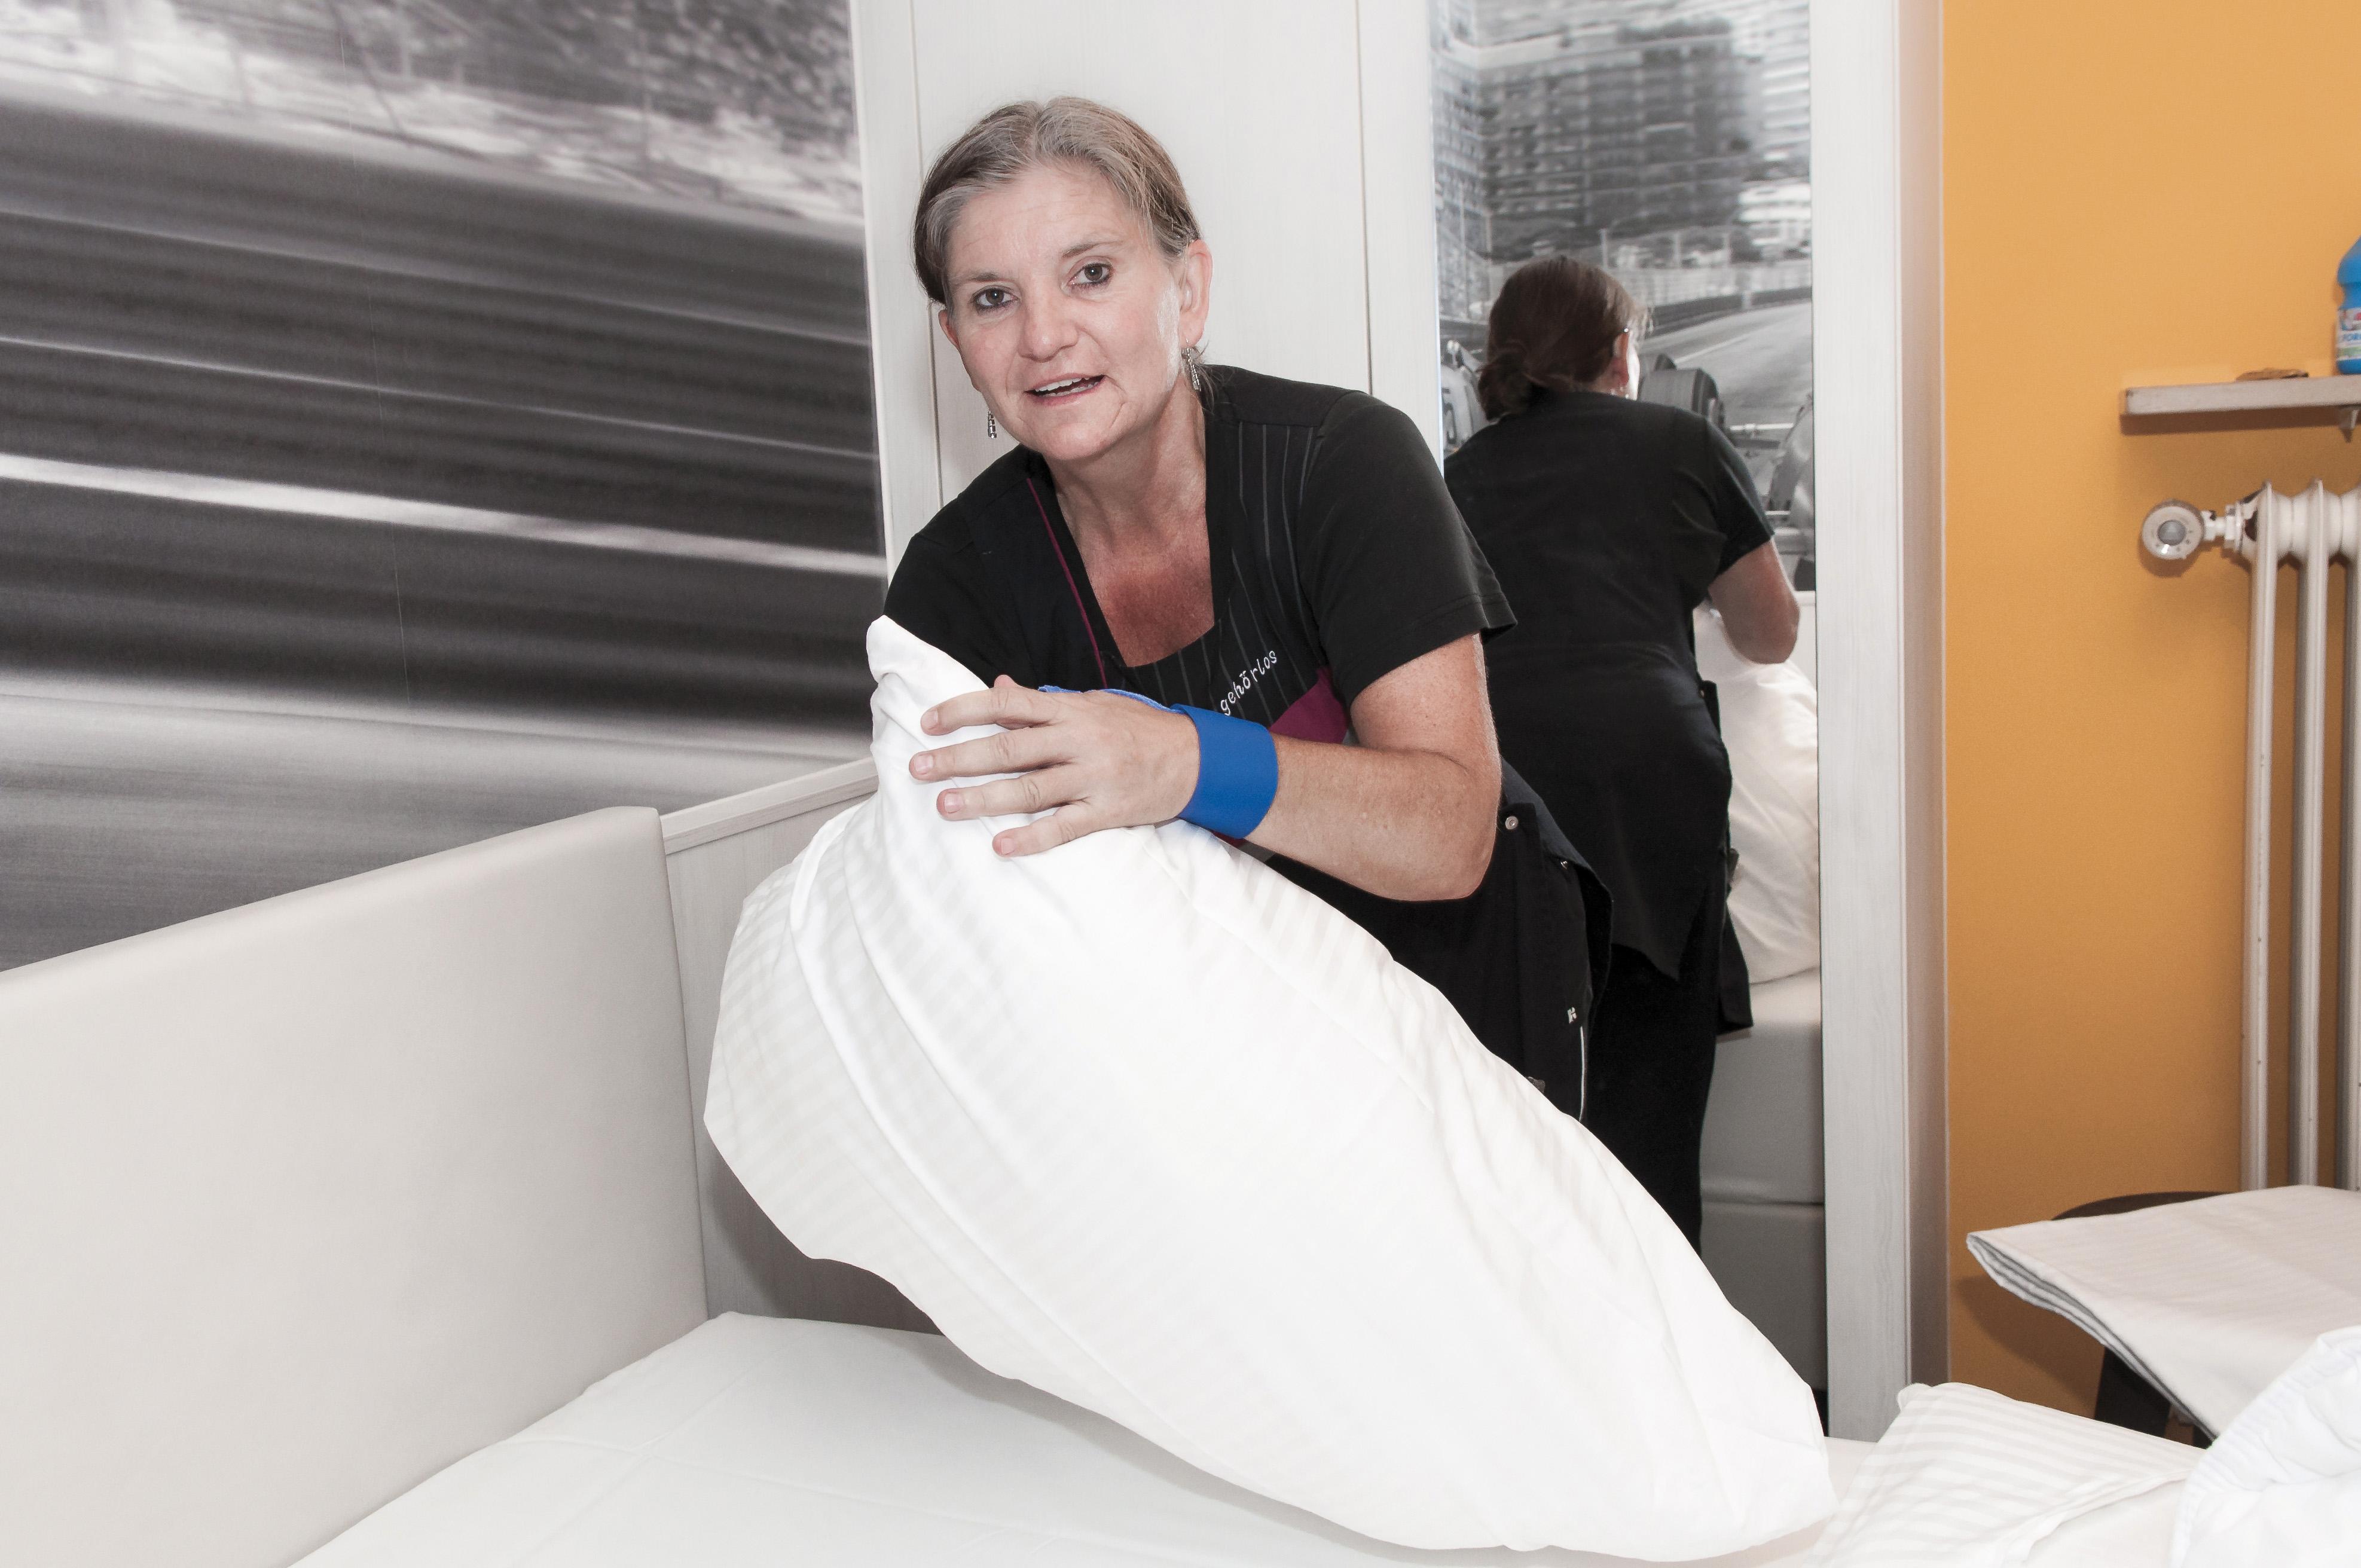 Frau in Hotelzimmer beim Kissen beziehen